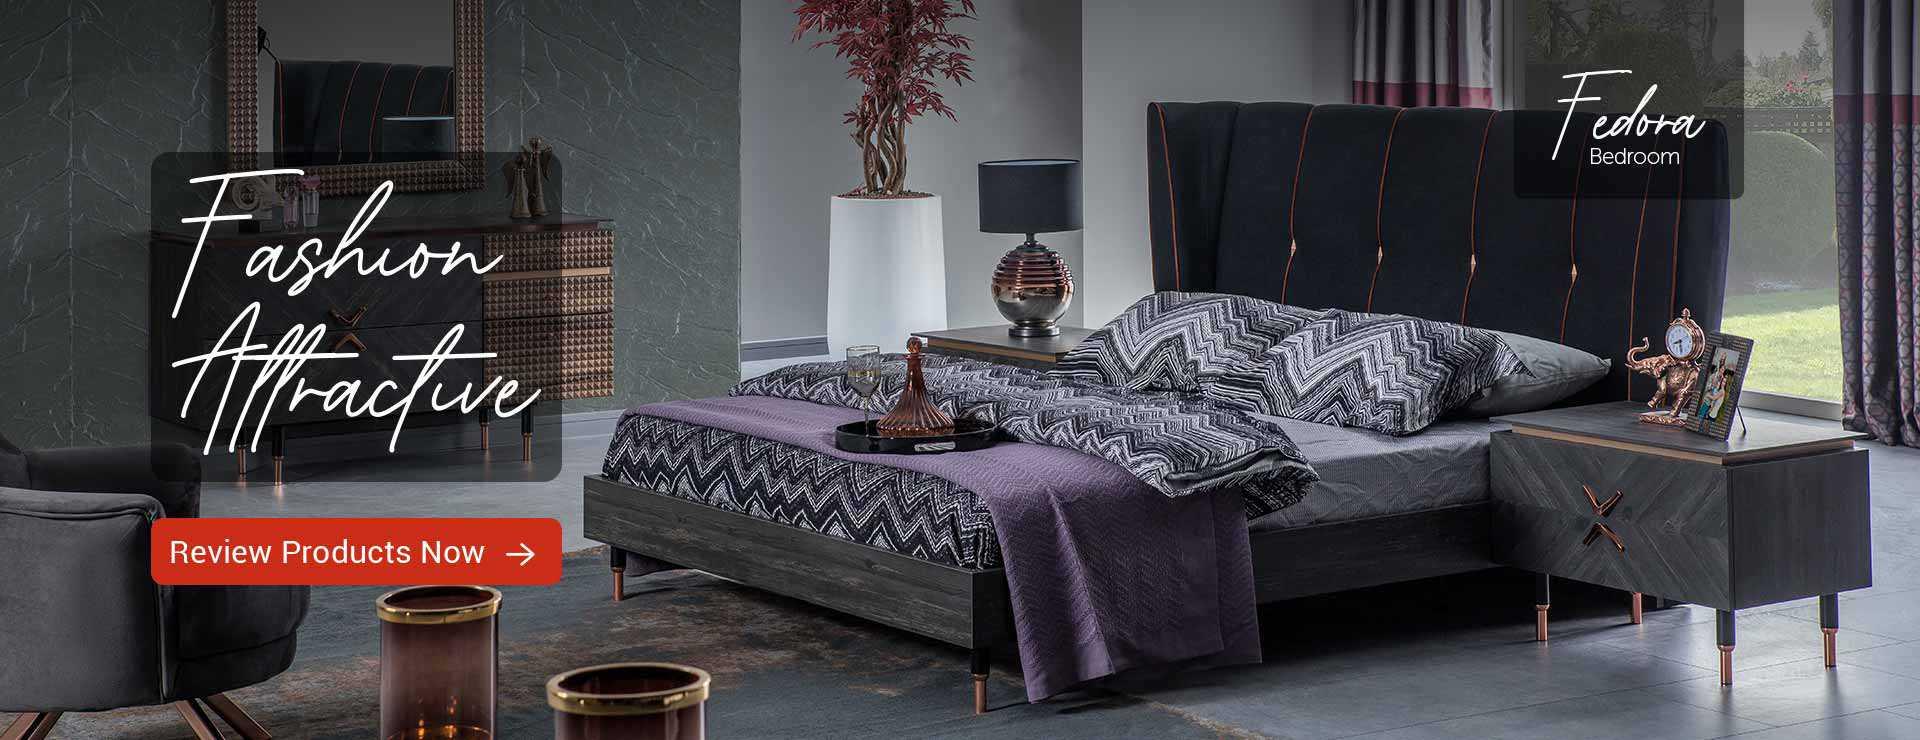 fedora bedroom